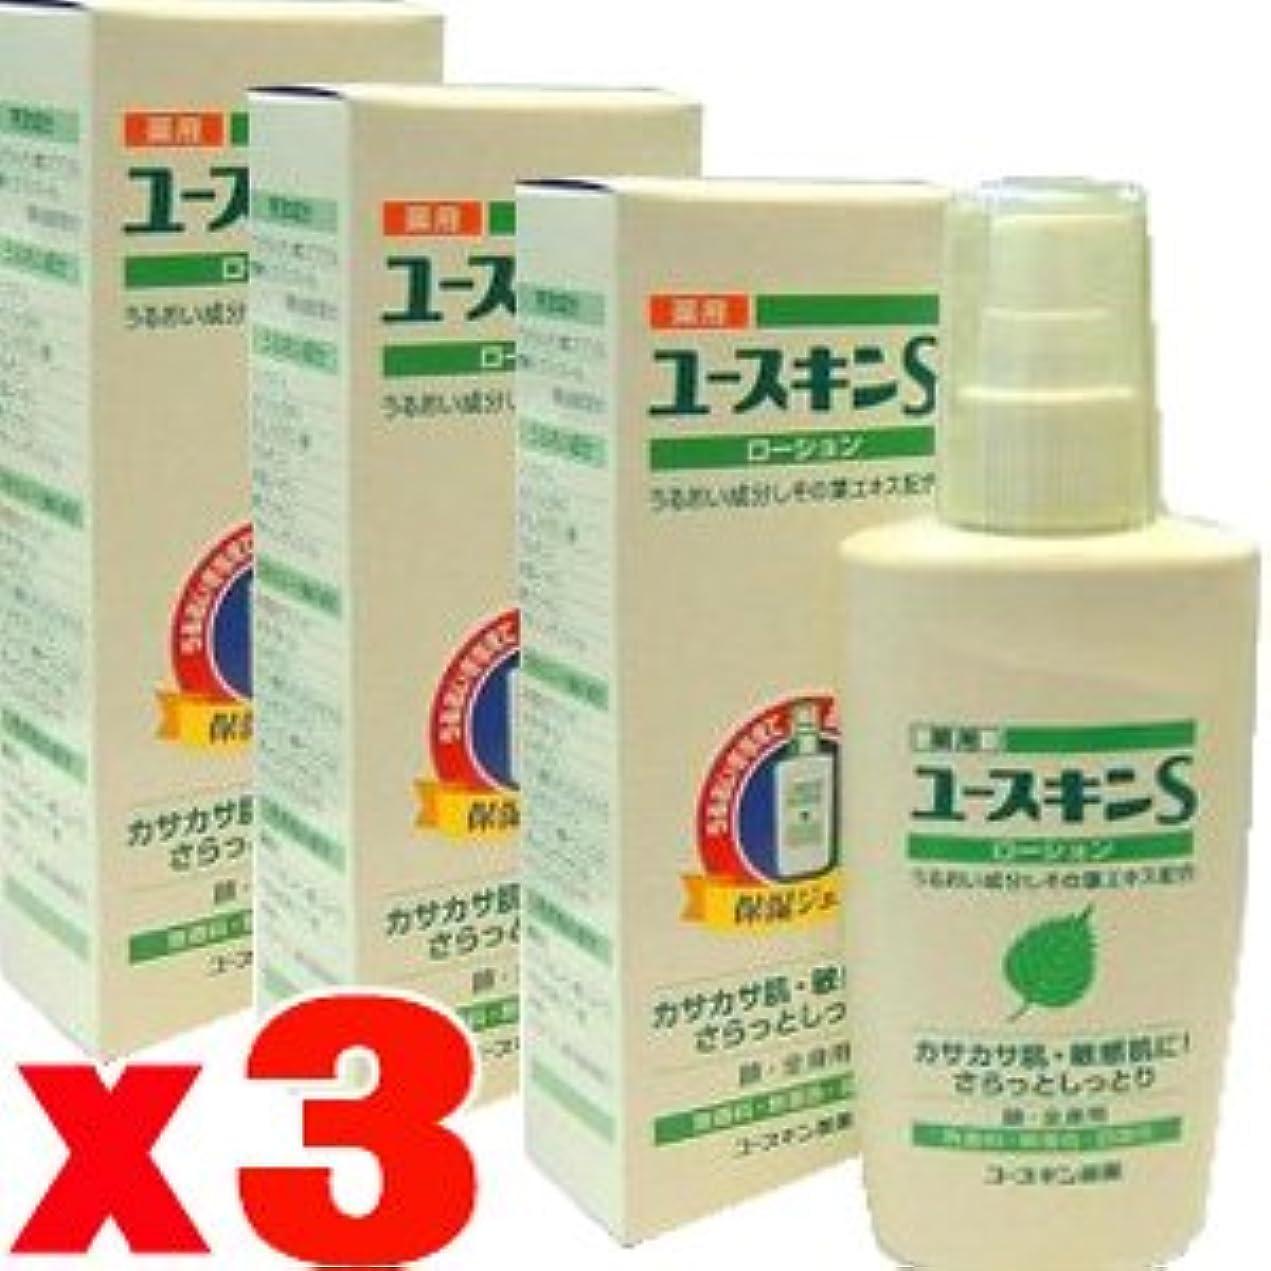 修正お酢あまりにも【3個】 薬用 ユースキンSローション 150ml ×3個セット 4987353010312